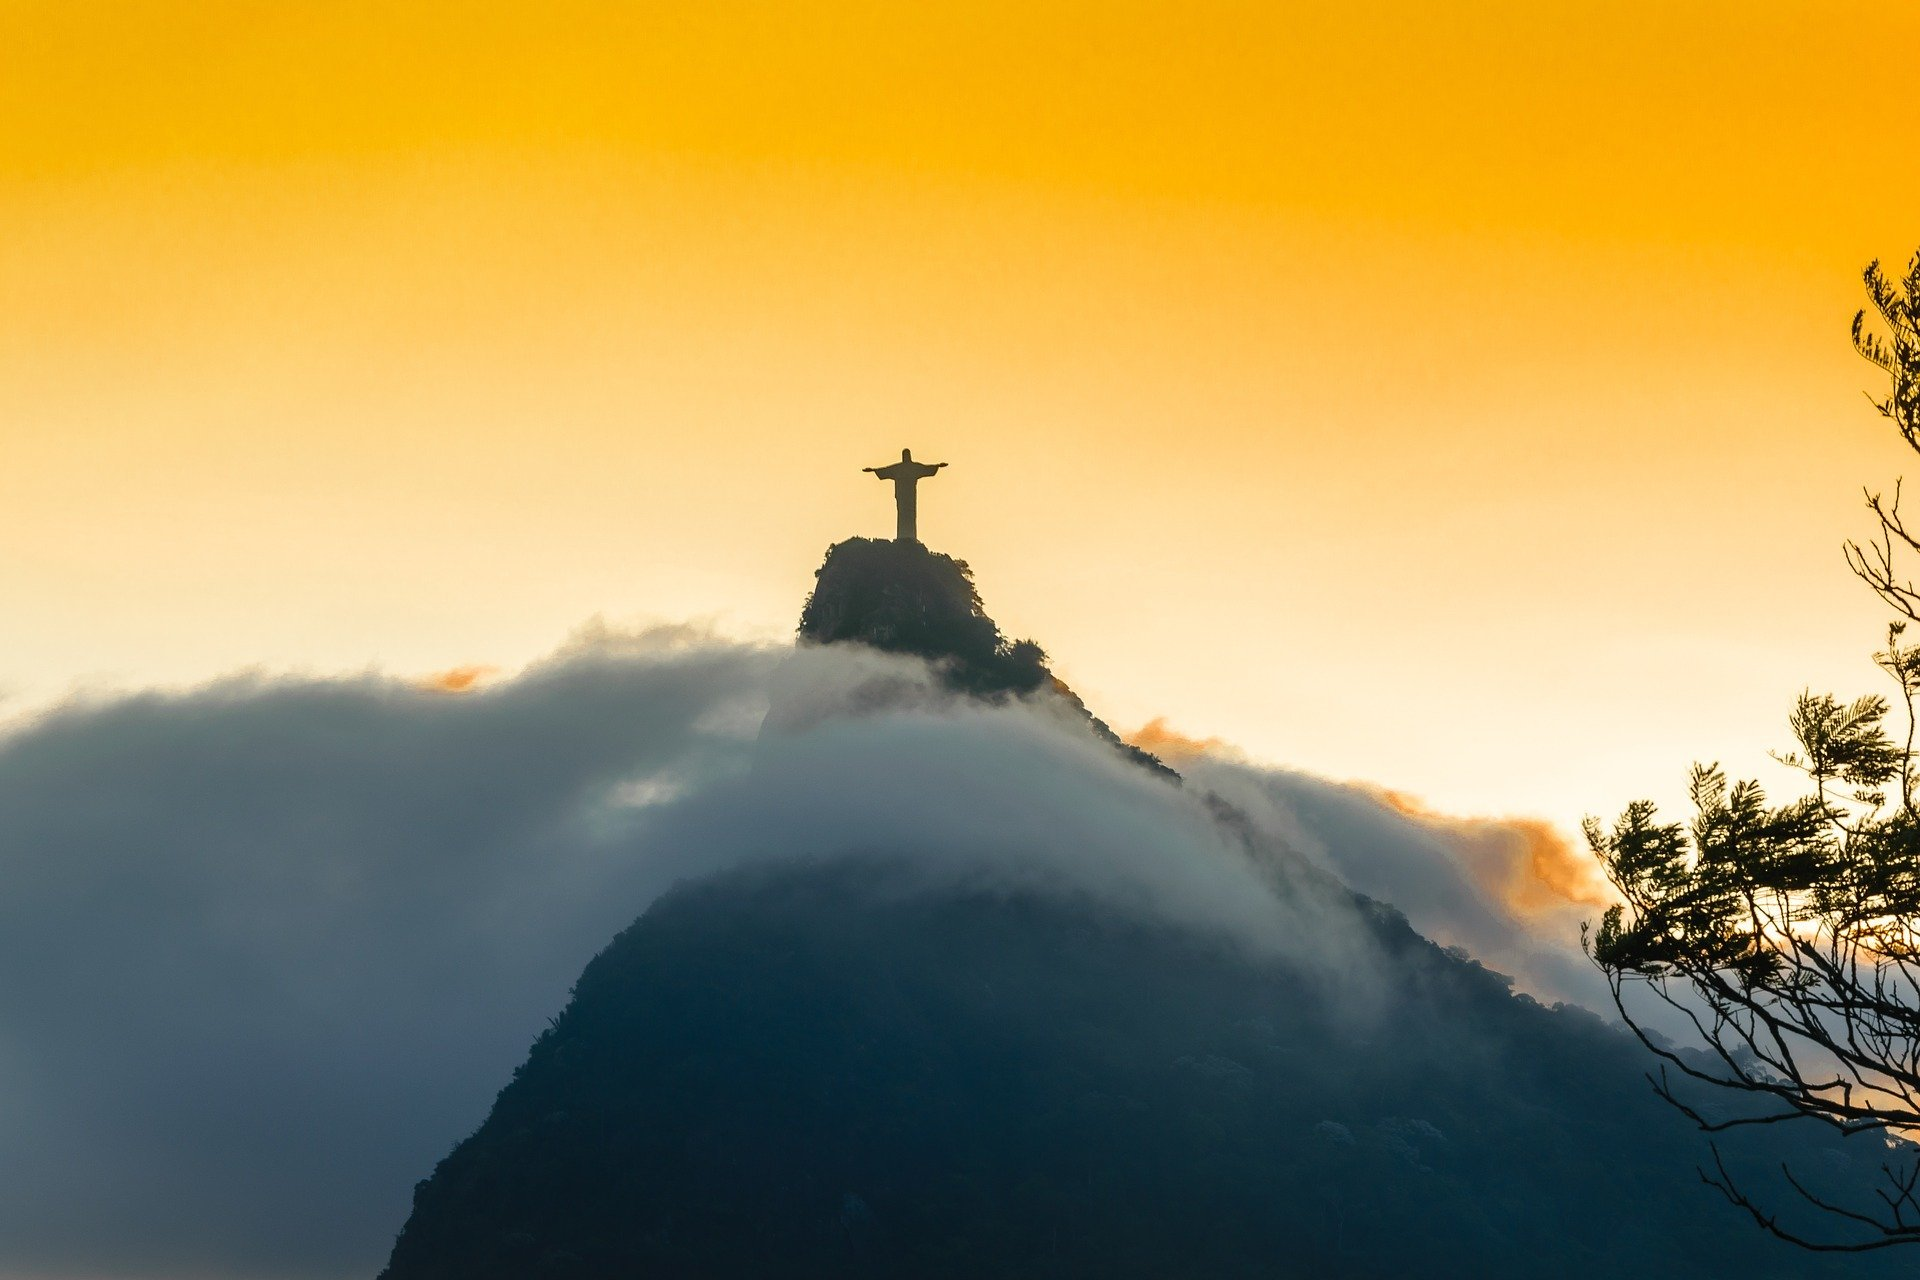 ブラジル旅行で絶対行きたいおすすめ絶景スポット7選!穴場の名所までご紹介!